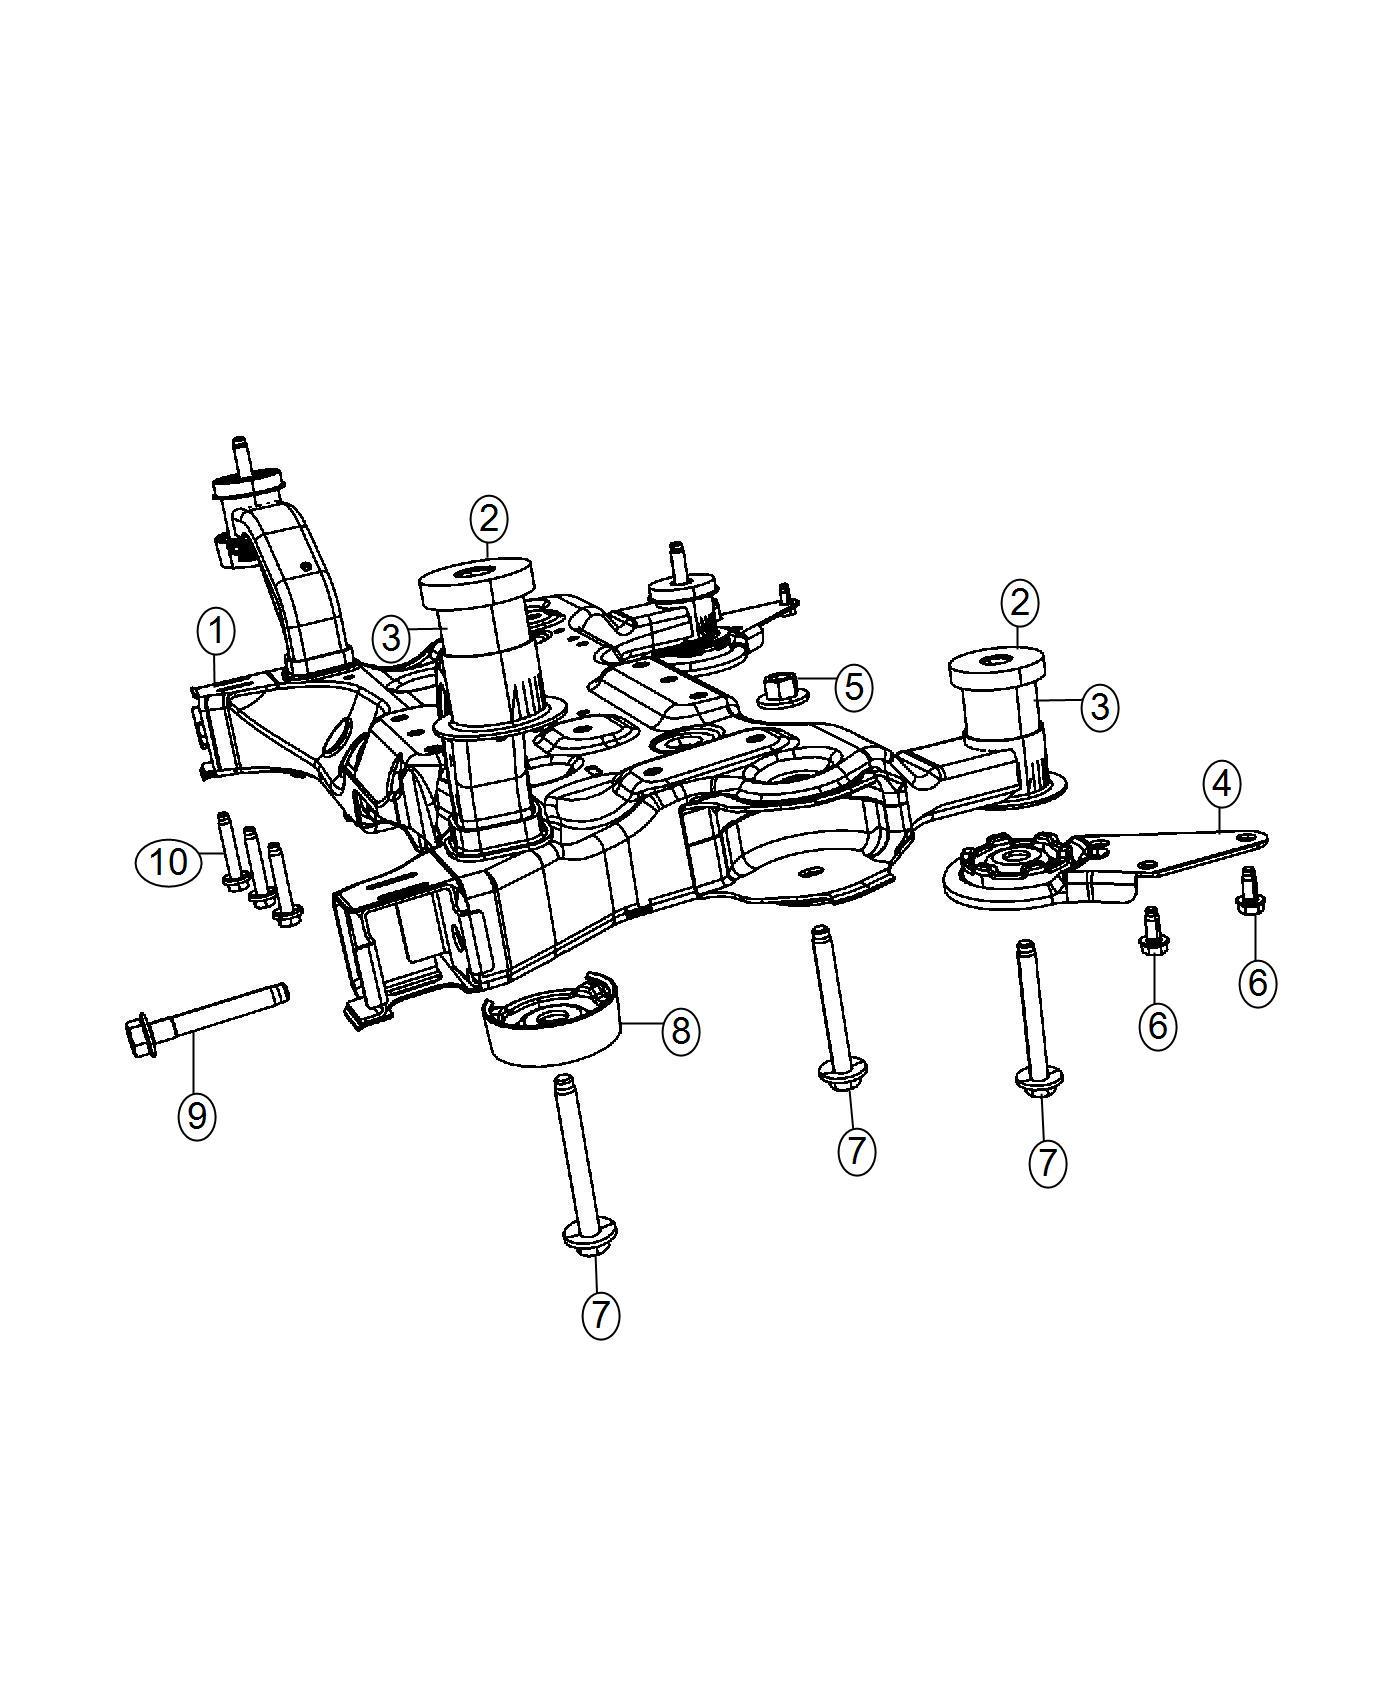 Chrysler 200 Isolator. Crossmember. Front crossmember